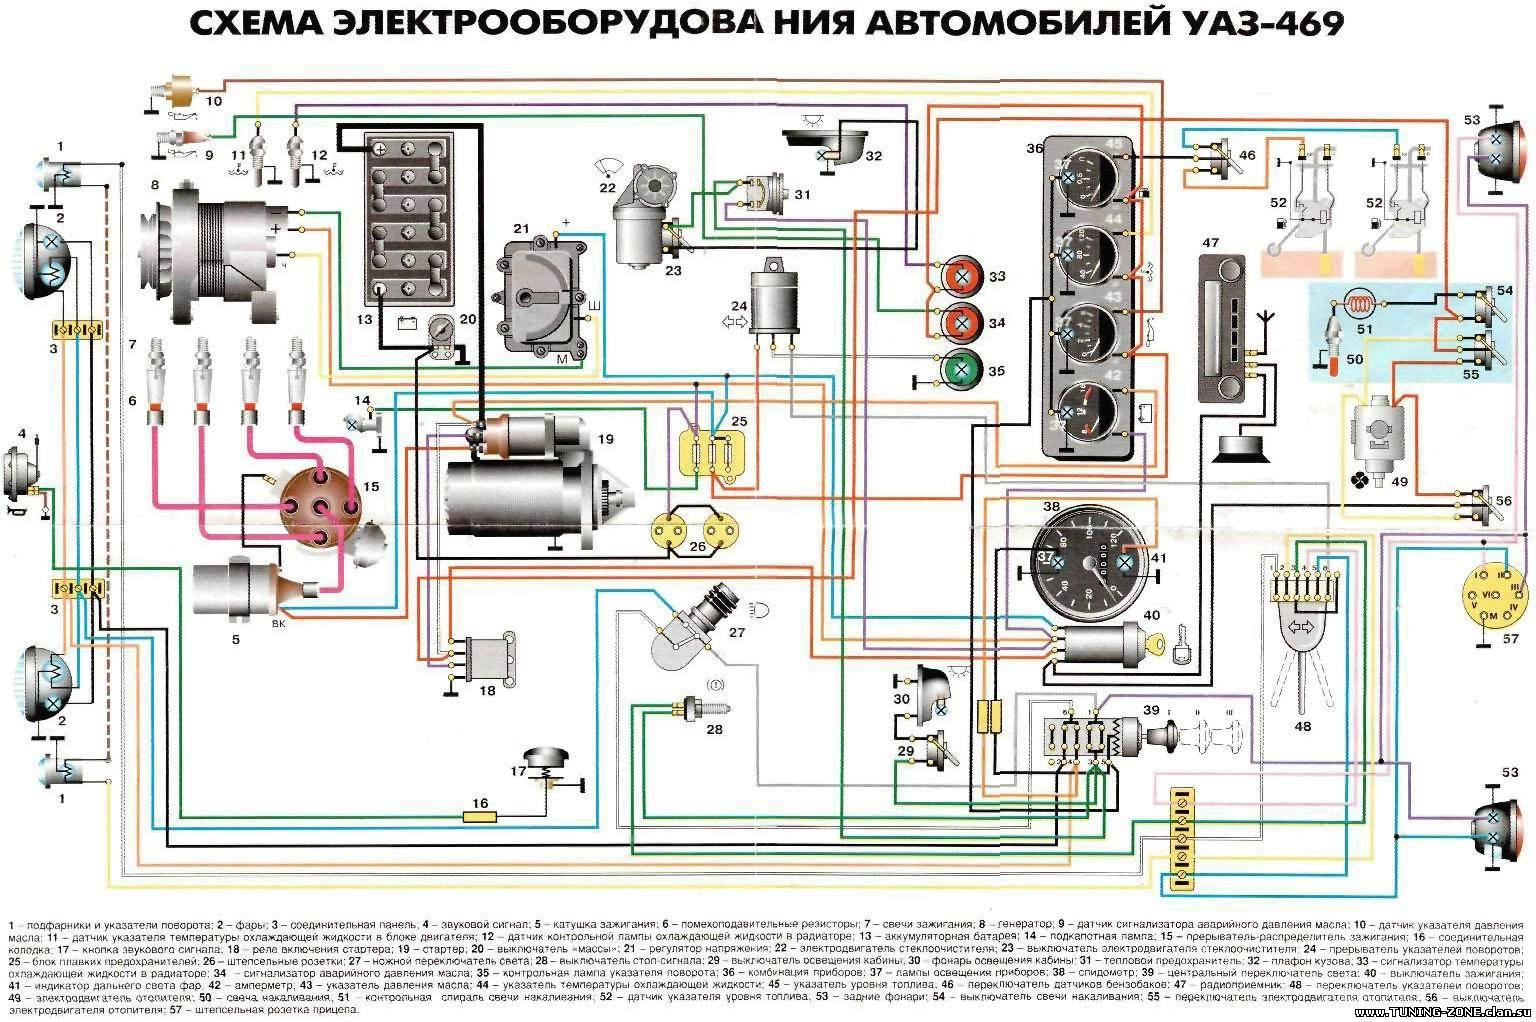 Общая схема оборудования и проводки для УАЗ